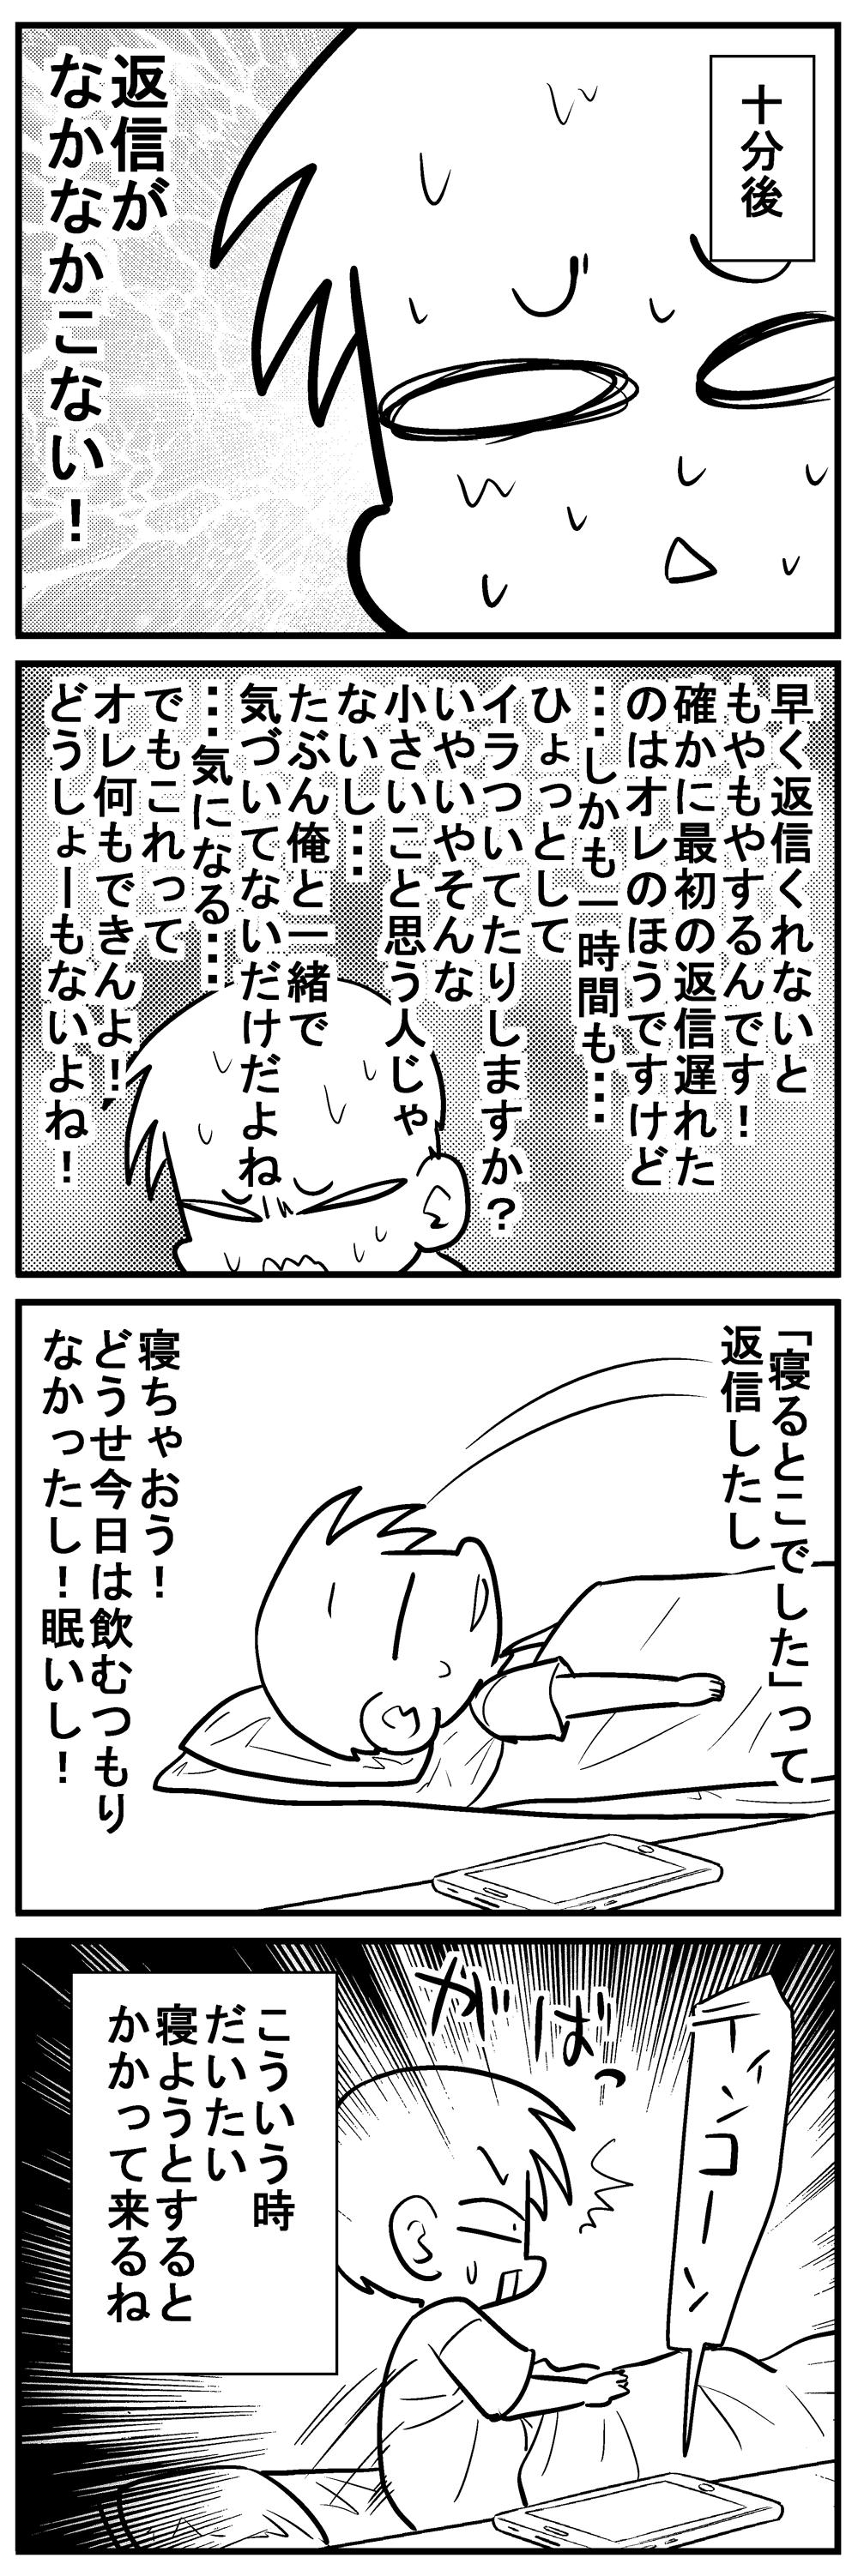 深読みくん93 2